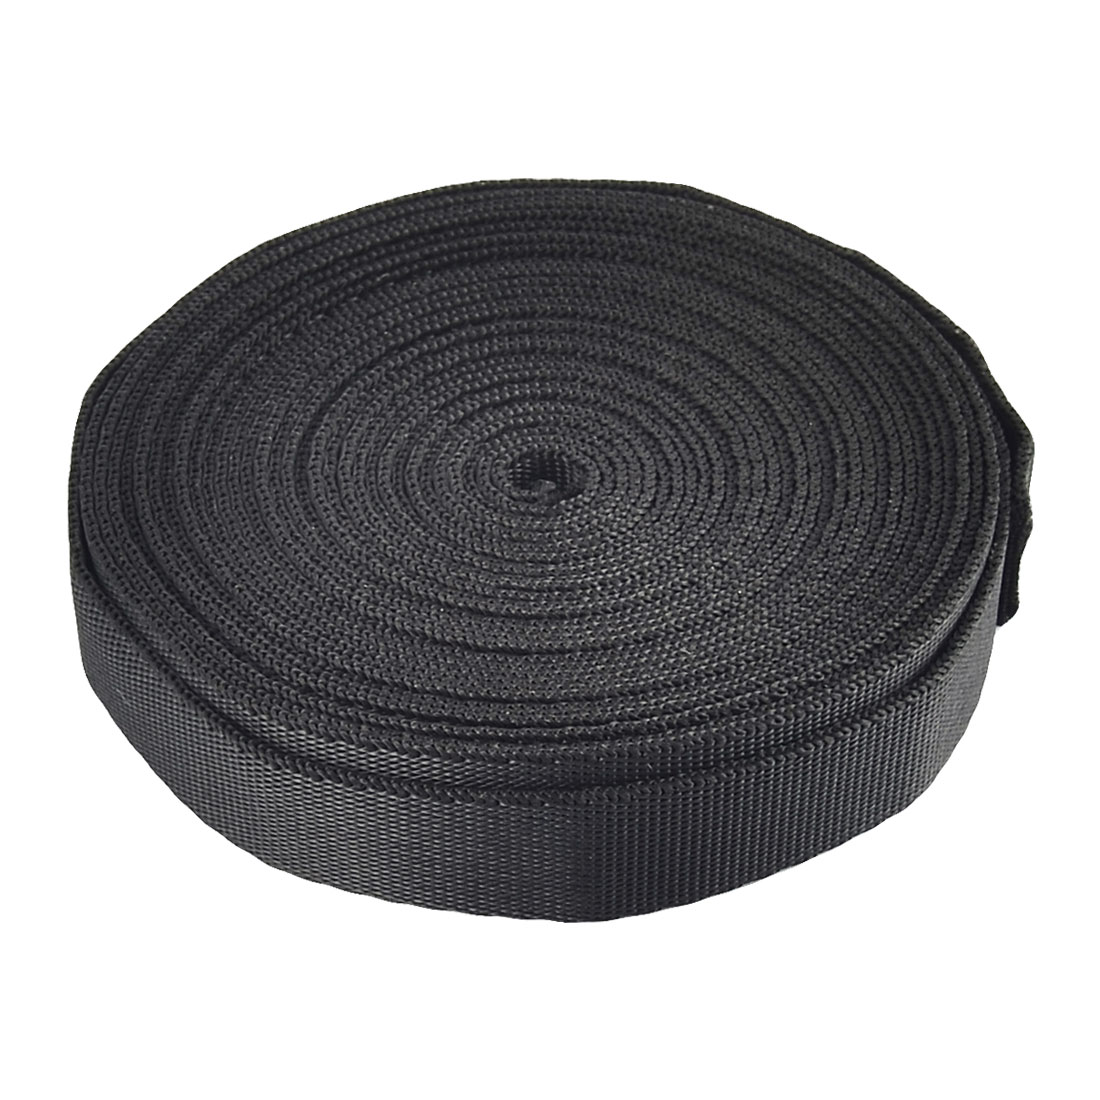 Household Nylon Suitcase Luggage Fastening Strap Belt Webbing Black 5M Length